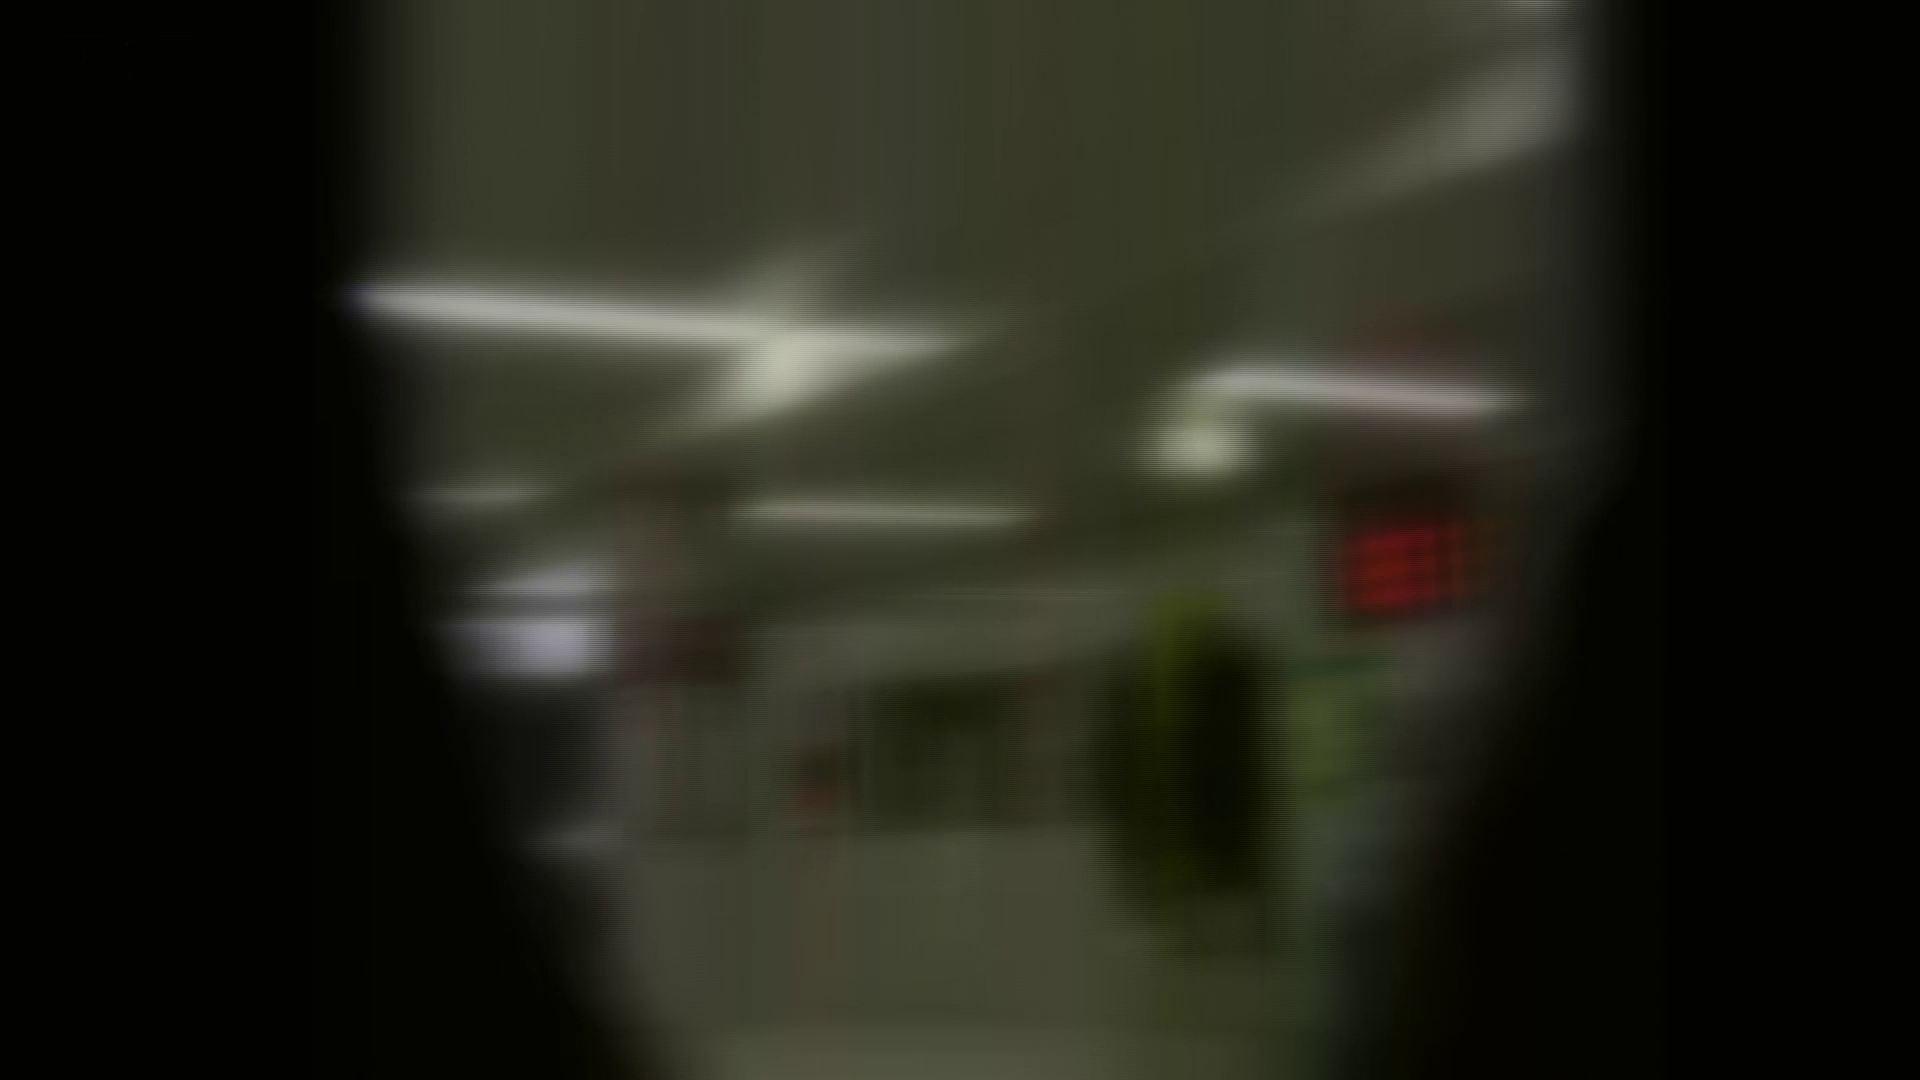 駅隣接デパート Vol.09 お久しぶりです。GIFTです。 美女達のヌード | ギャル・コレクション  52連発